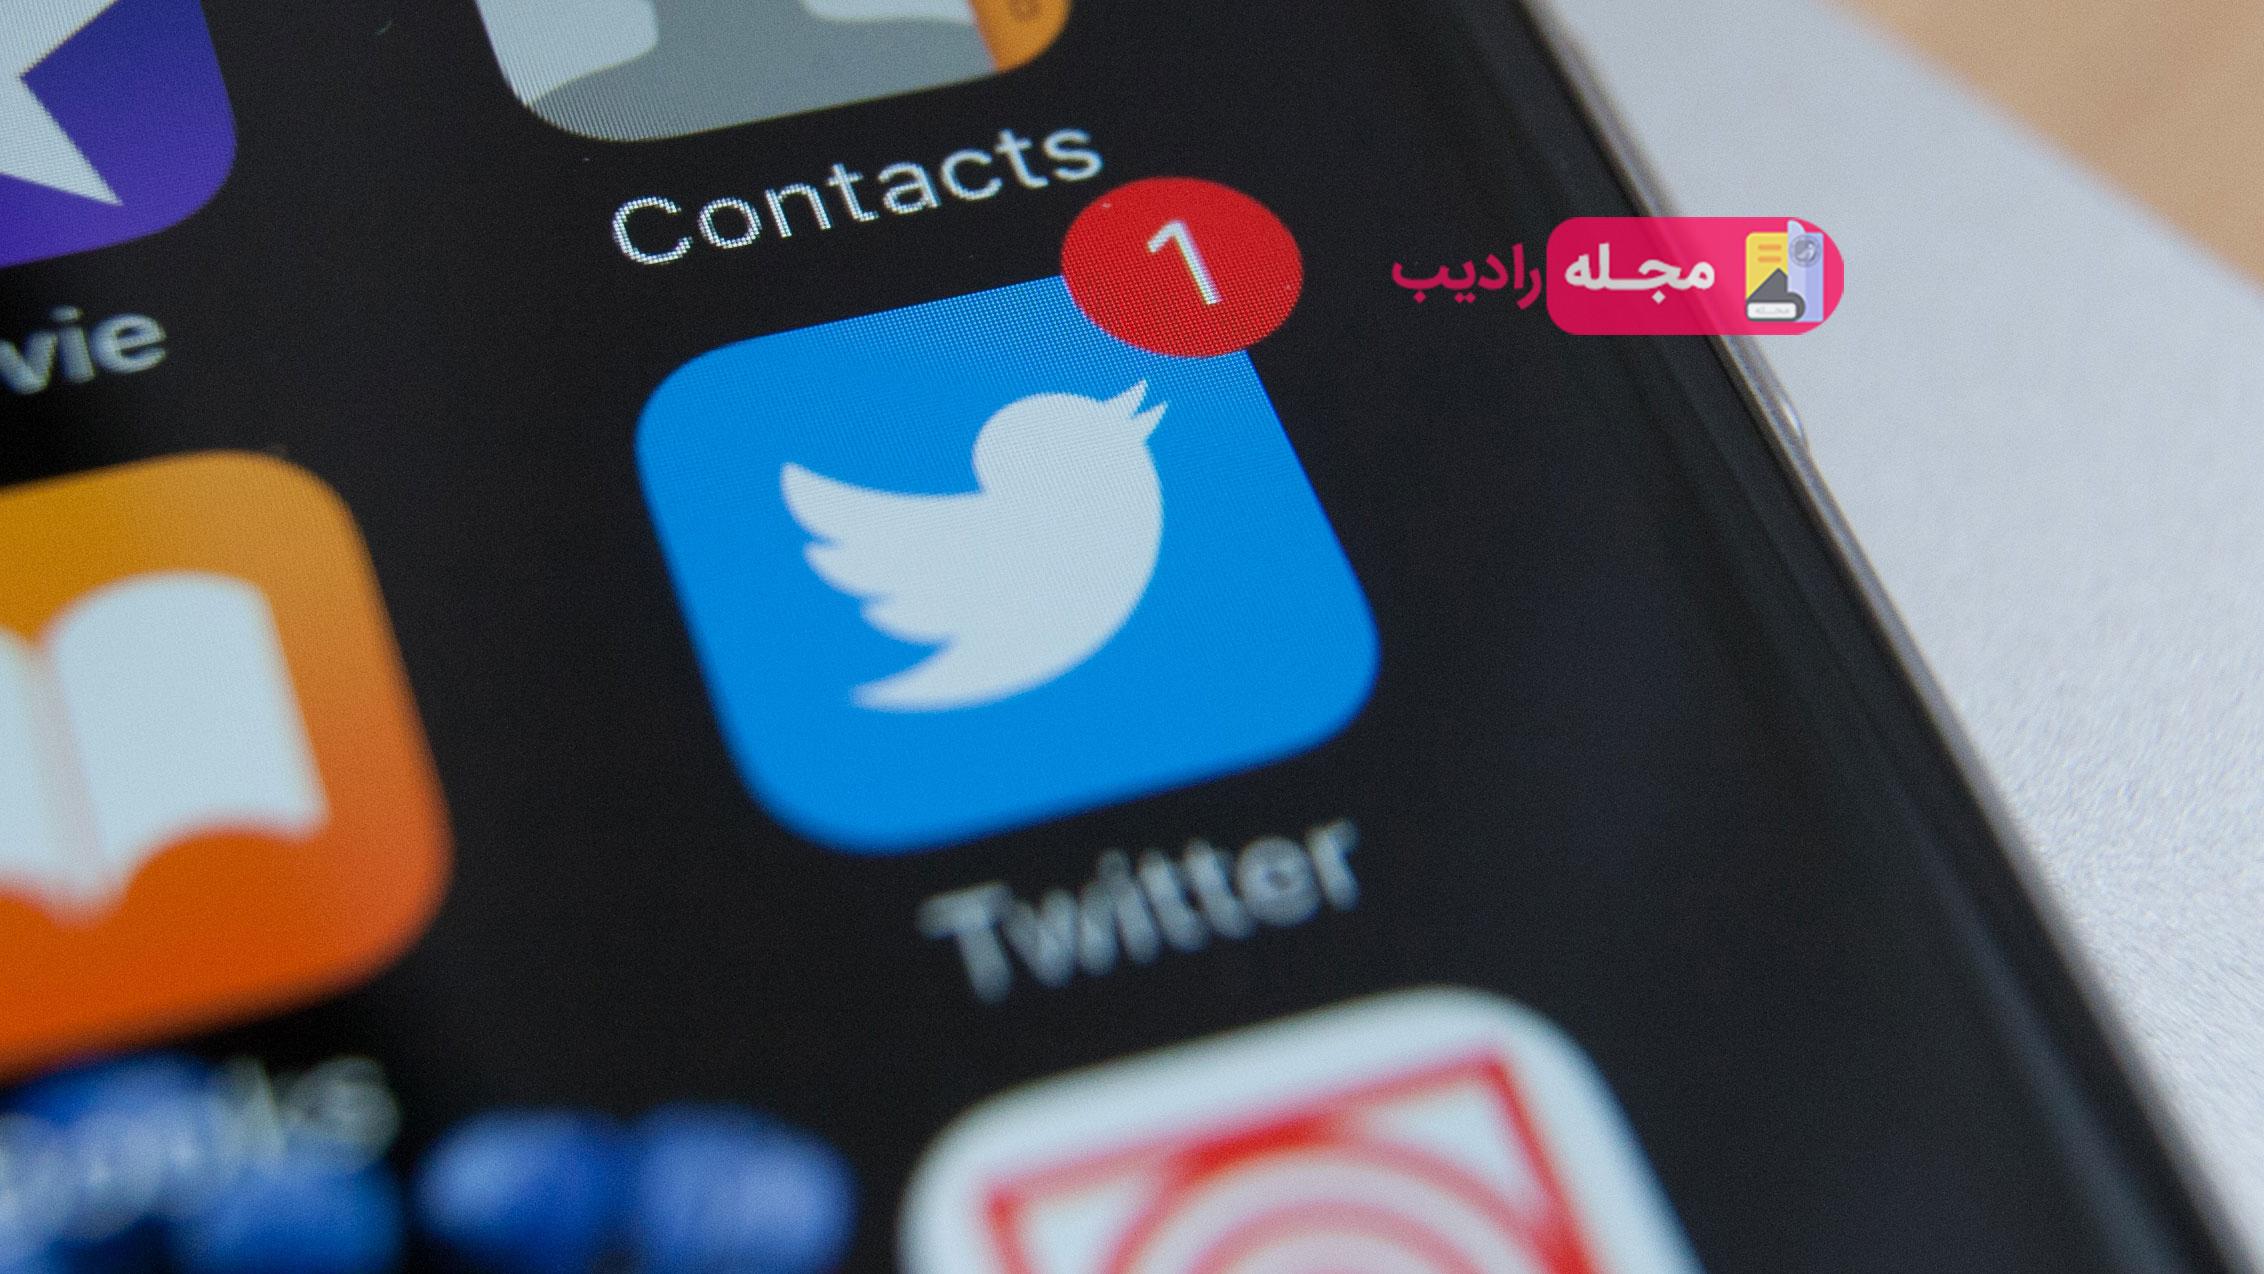 آموزش غیر فعال کردن نوتیفیکیشن های توییتر